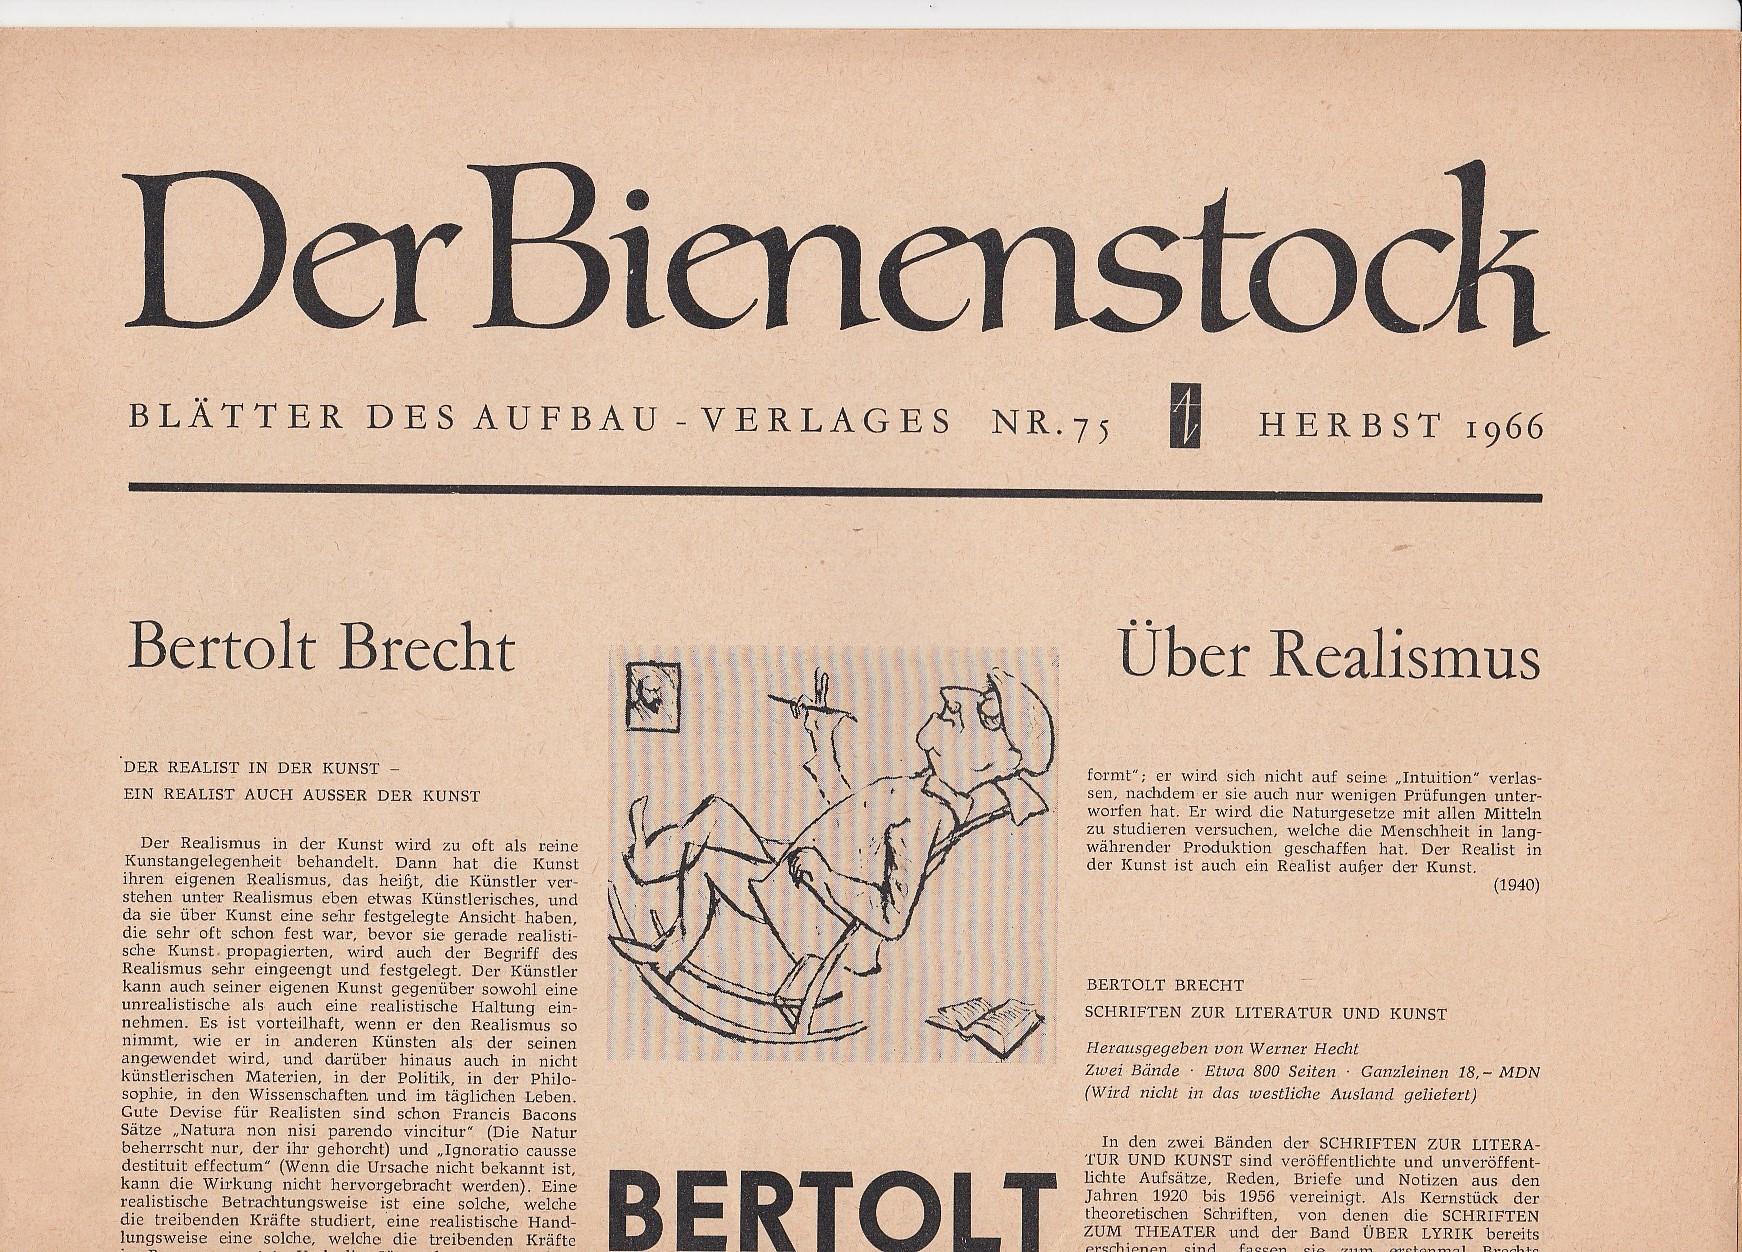 Der Bienenstock. Blätter des Aufbau-Verlages [ später: Blätter des Aufbau-Verlages Berlin und Weimar und des Verlages Rütten & Loening Berlin.]